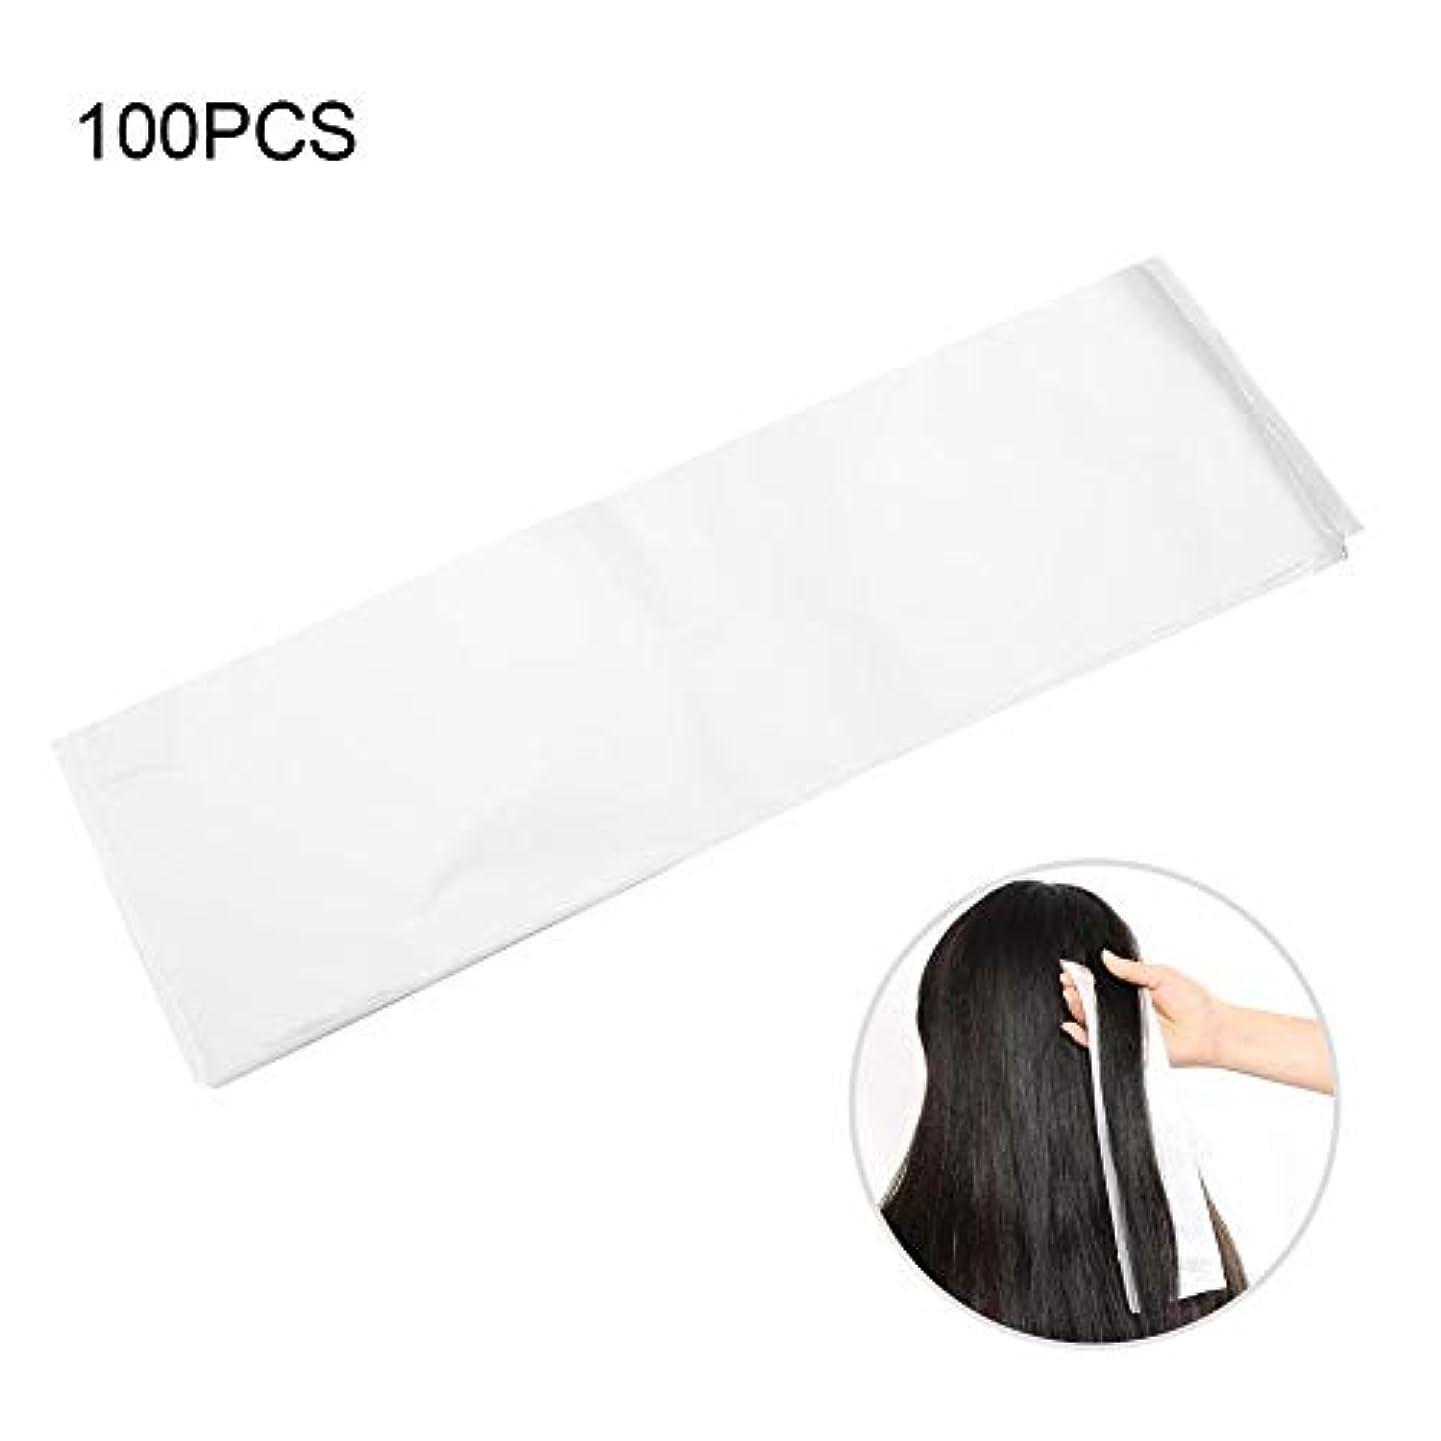 子供達万一に備えて求めるSemme染毛紙ヘアカラーリング紙、染色分離シート100ピース/パックプロフェッショナルサロン染毛紙再生利用可能染色カラーハイライトペーパー